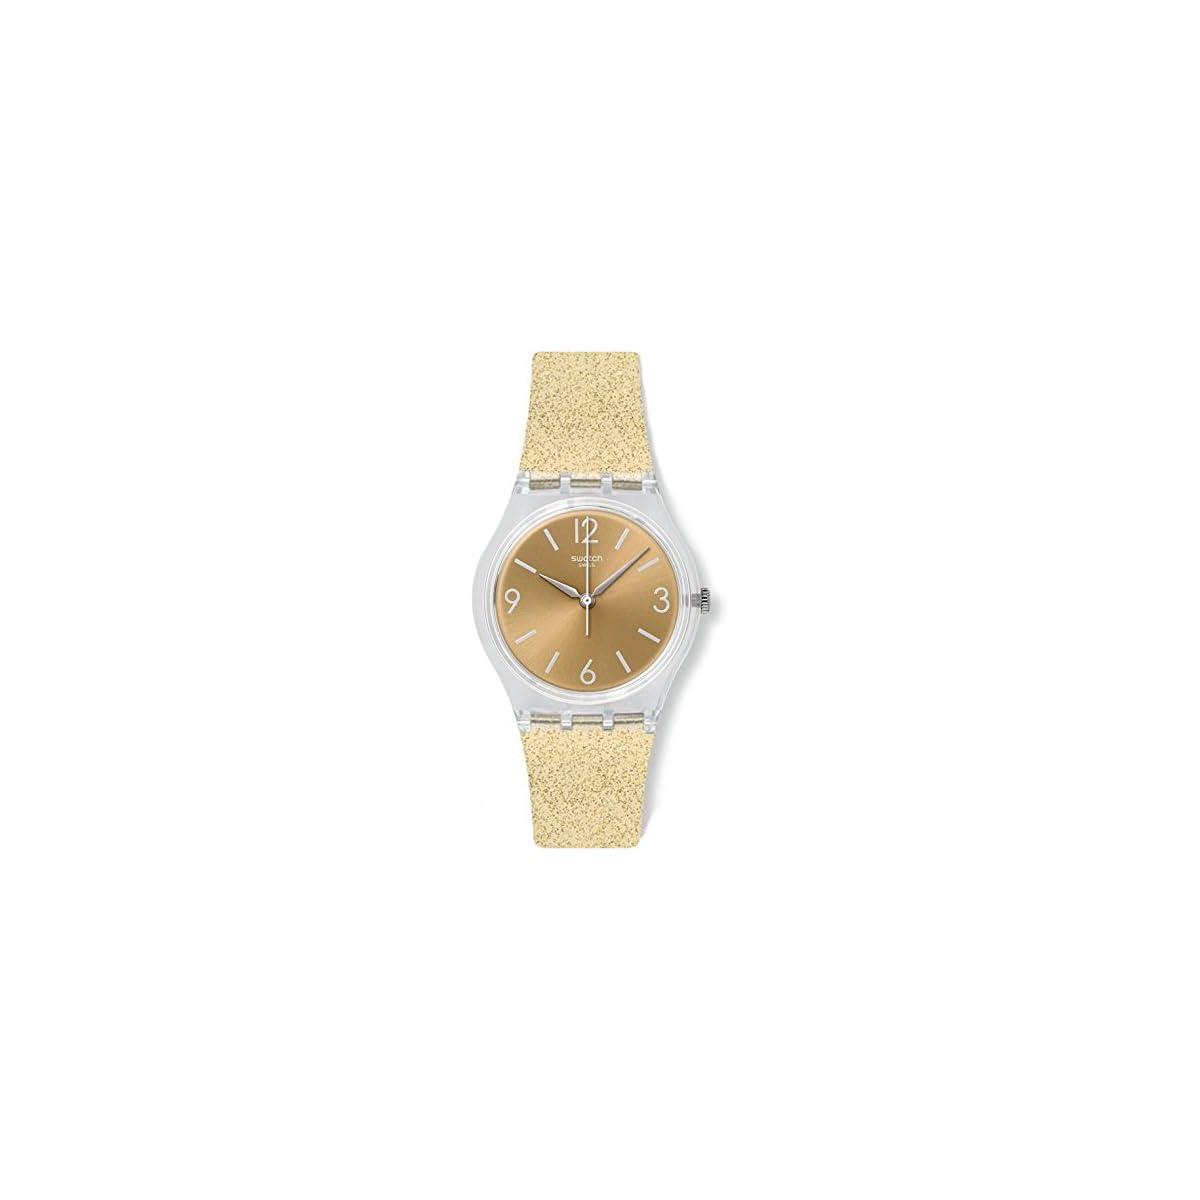 41rrEzfhviL. SS1200  - Swatch Reloj Digital de Cuarzo para Mujer con Correa de Silicona - GE242C